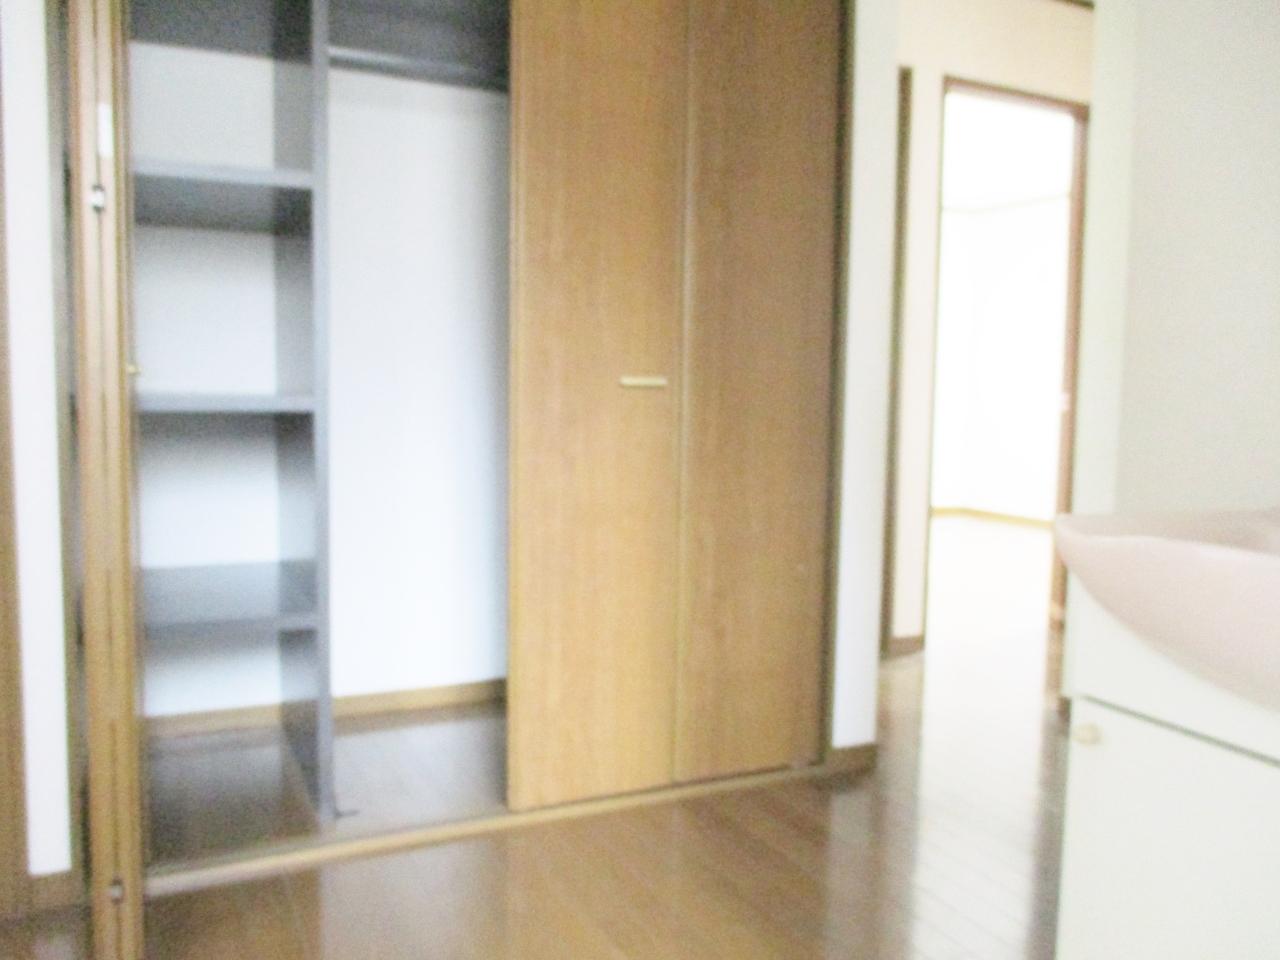 季節物等の収納に便利な廊下にある収納